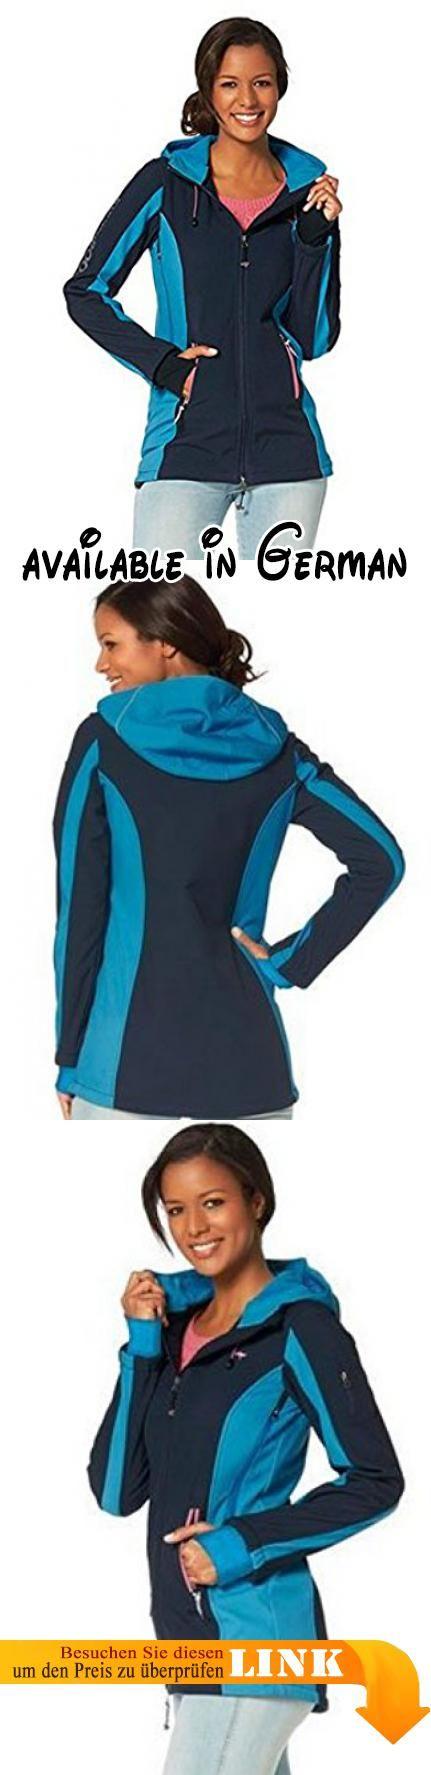 1ae2f3a39004 B01193DLSO   KANGAROOS Damen Softshelljacke Softshell Jacke warm gefüttert  mit Kapuze Blau 44. Atmungsaktiv Wind- und Wasserdicht. Mit Kapuze und s…